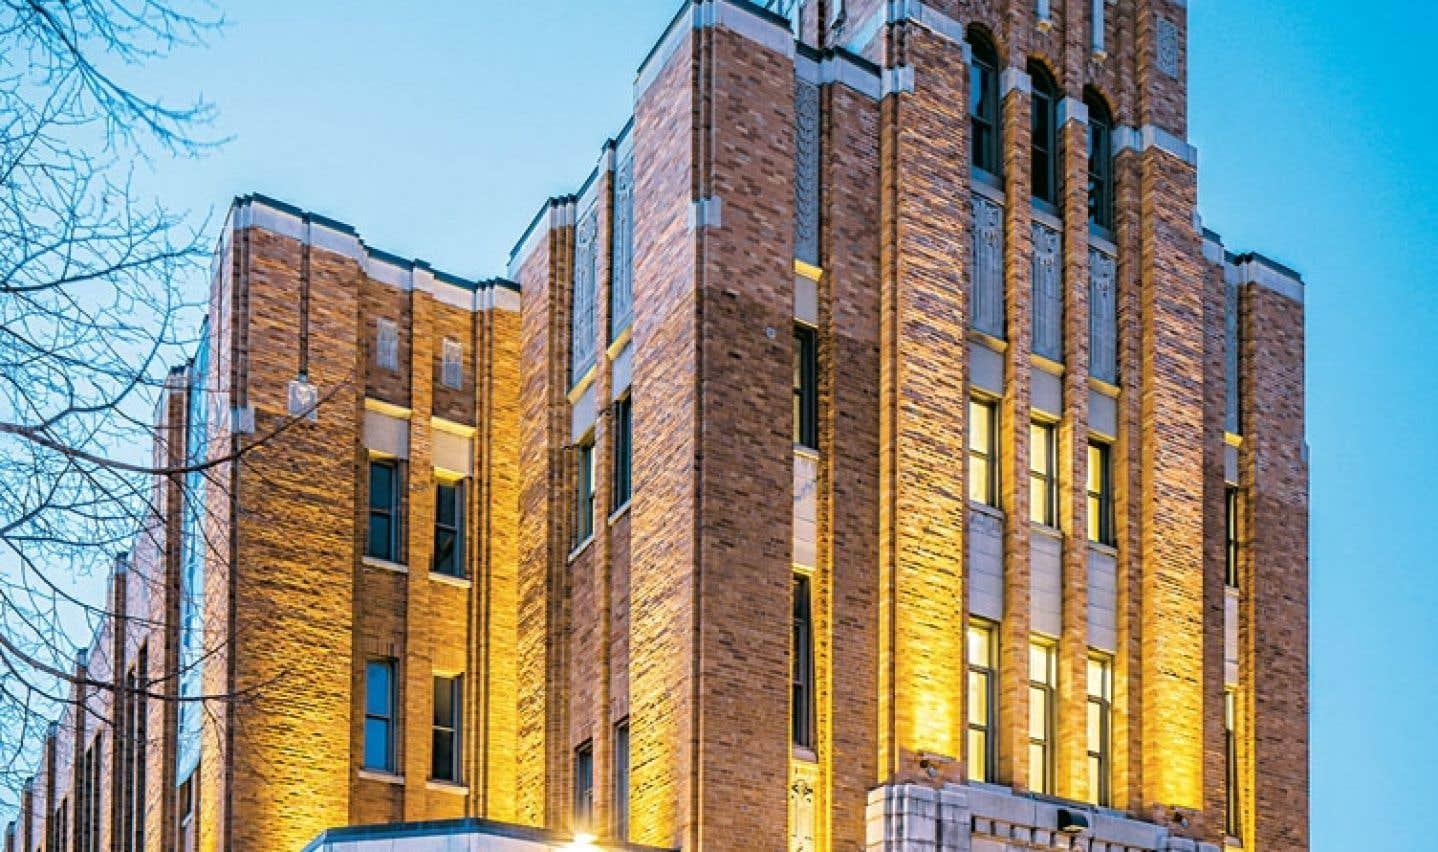 Le complexe immobilier prévoit l'aménagement de 32 unités d'habitation dans l'immeuble du marché Saint-Jacques, d'ici l'été 2014.